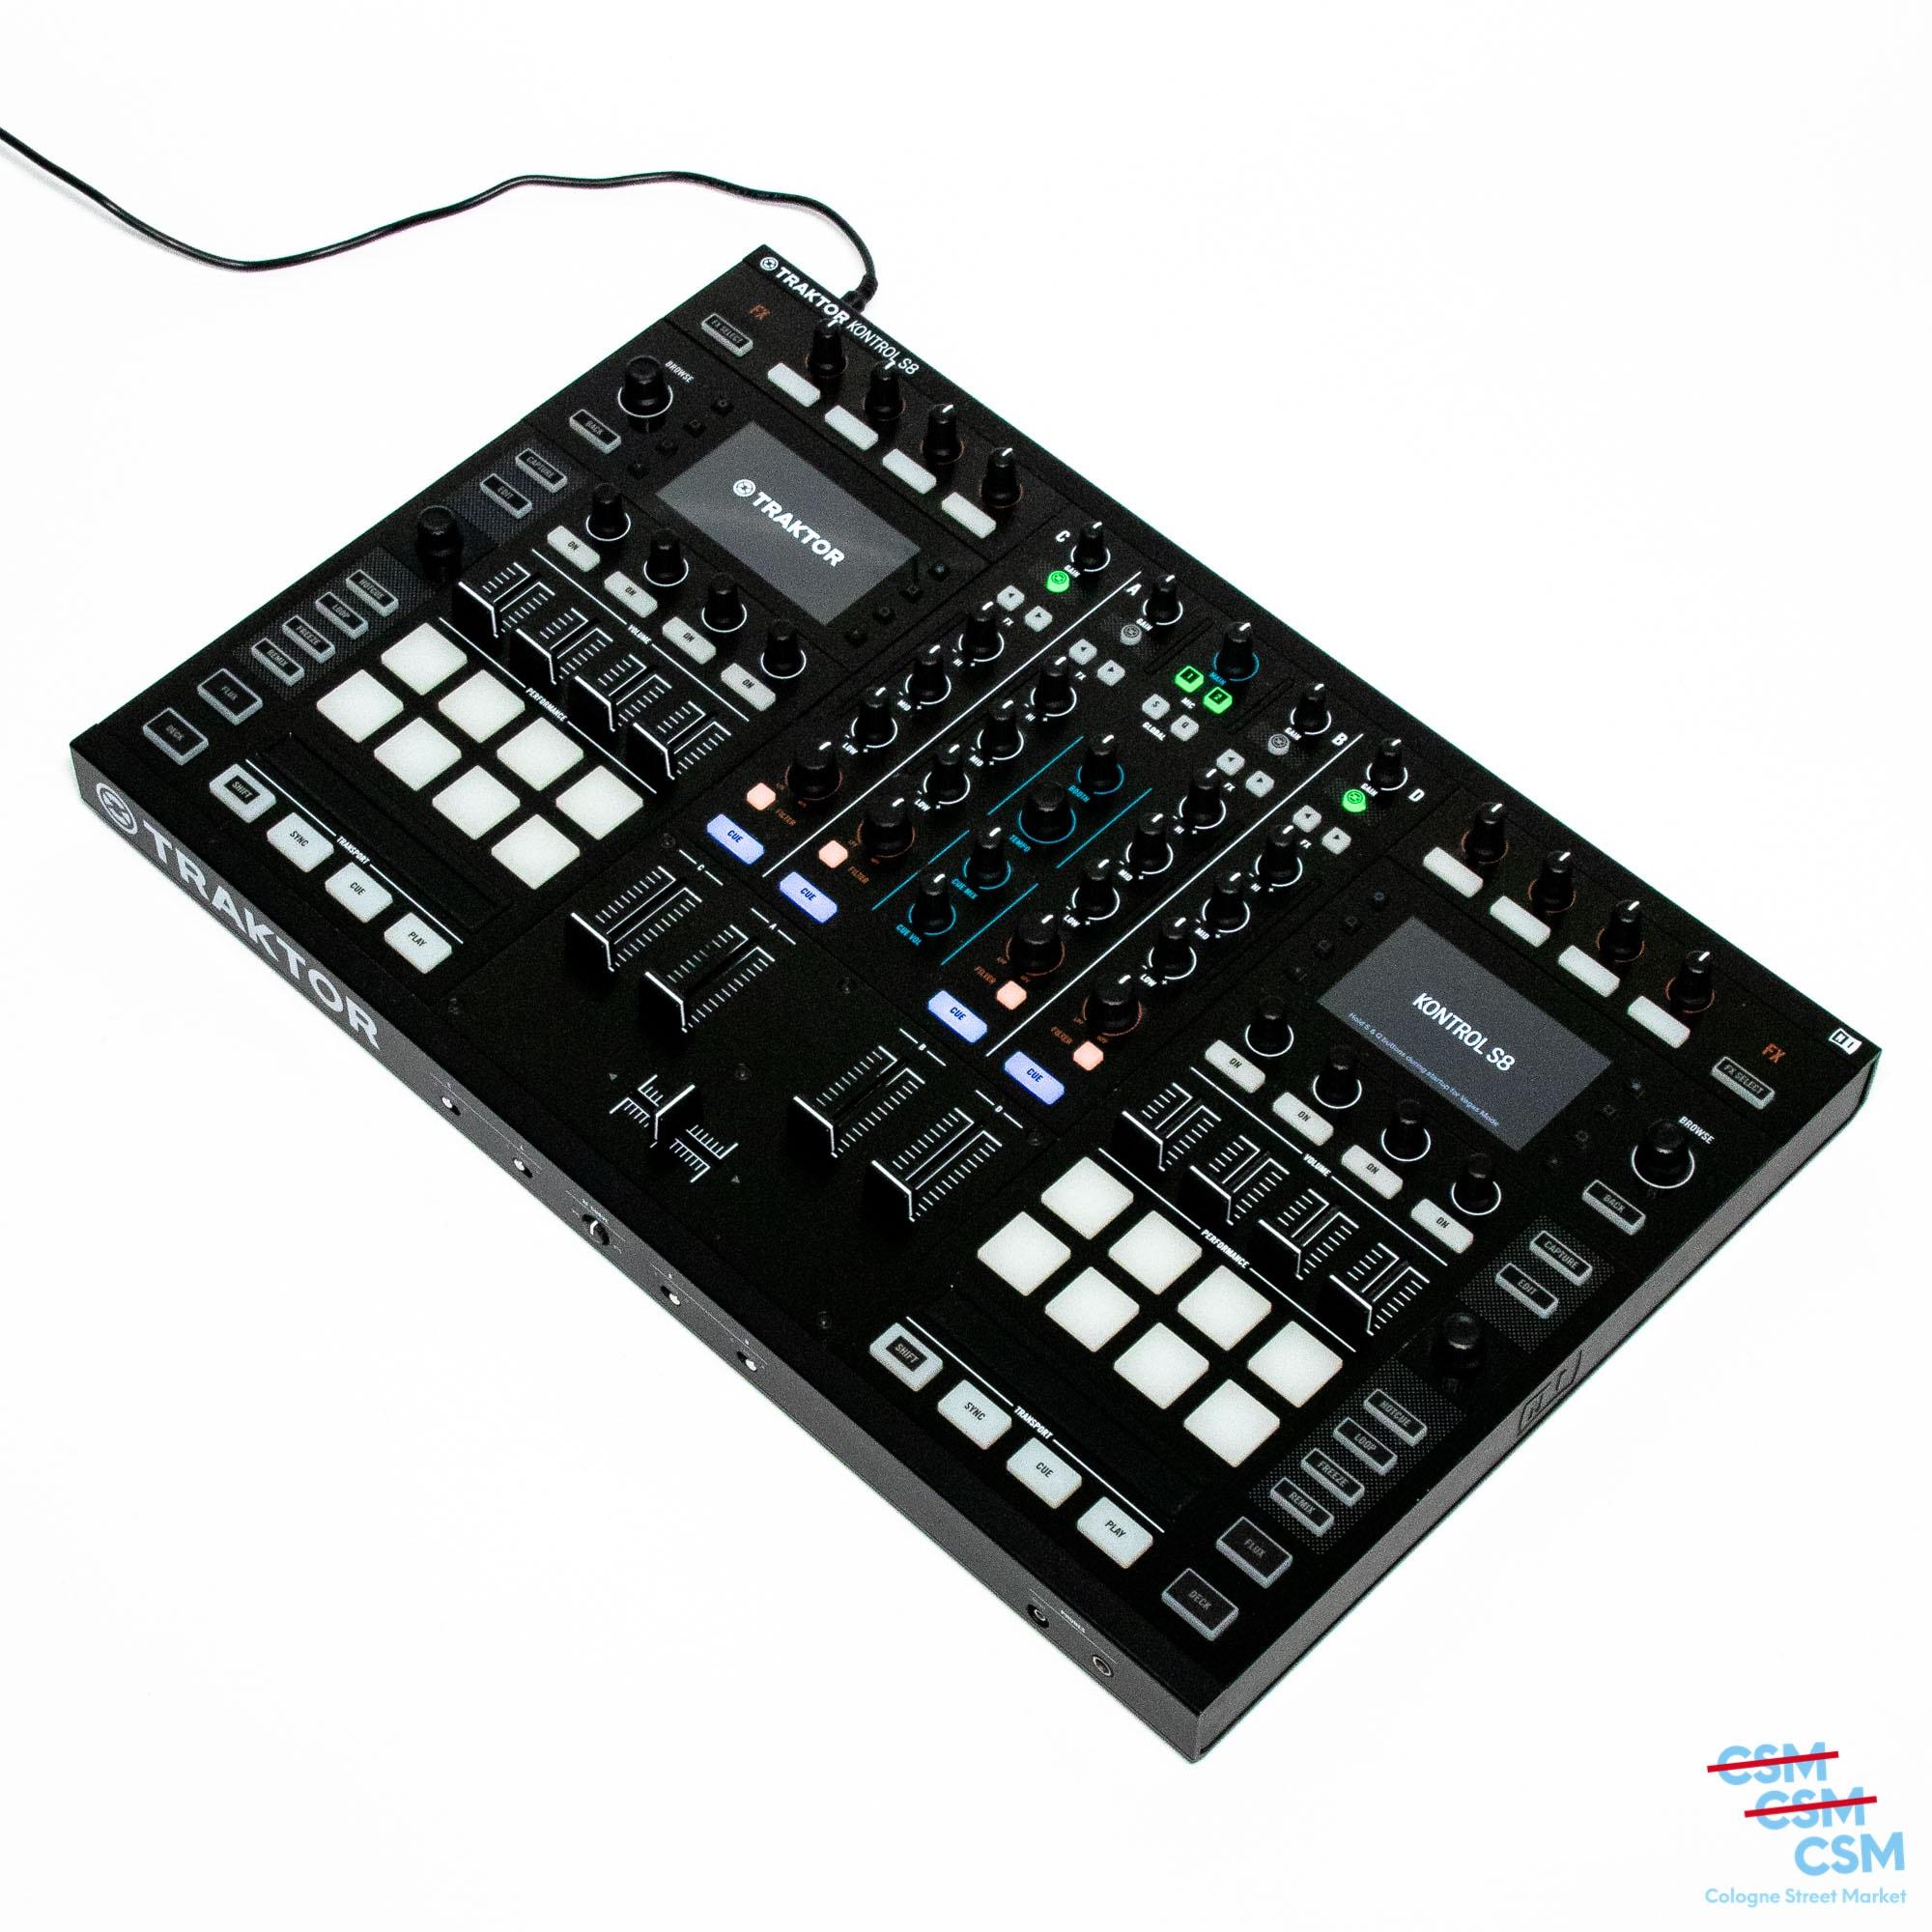 Gebraucht-kaufen-native-instruments-s8-03